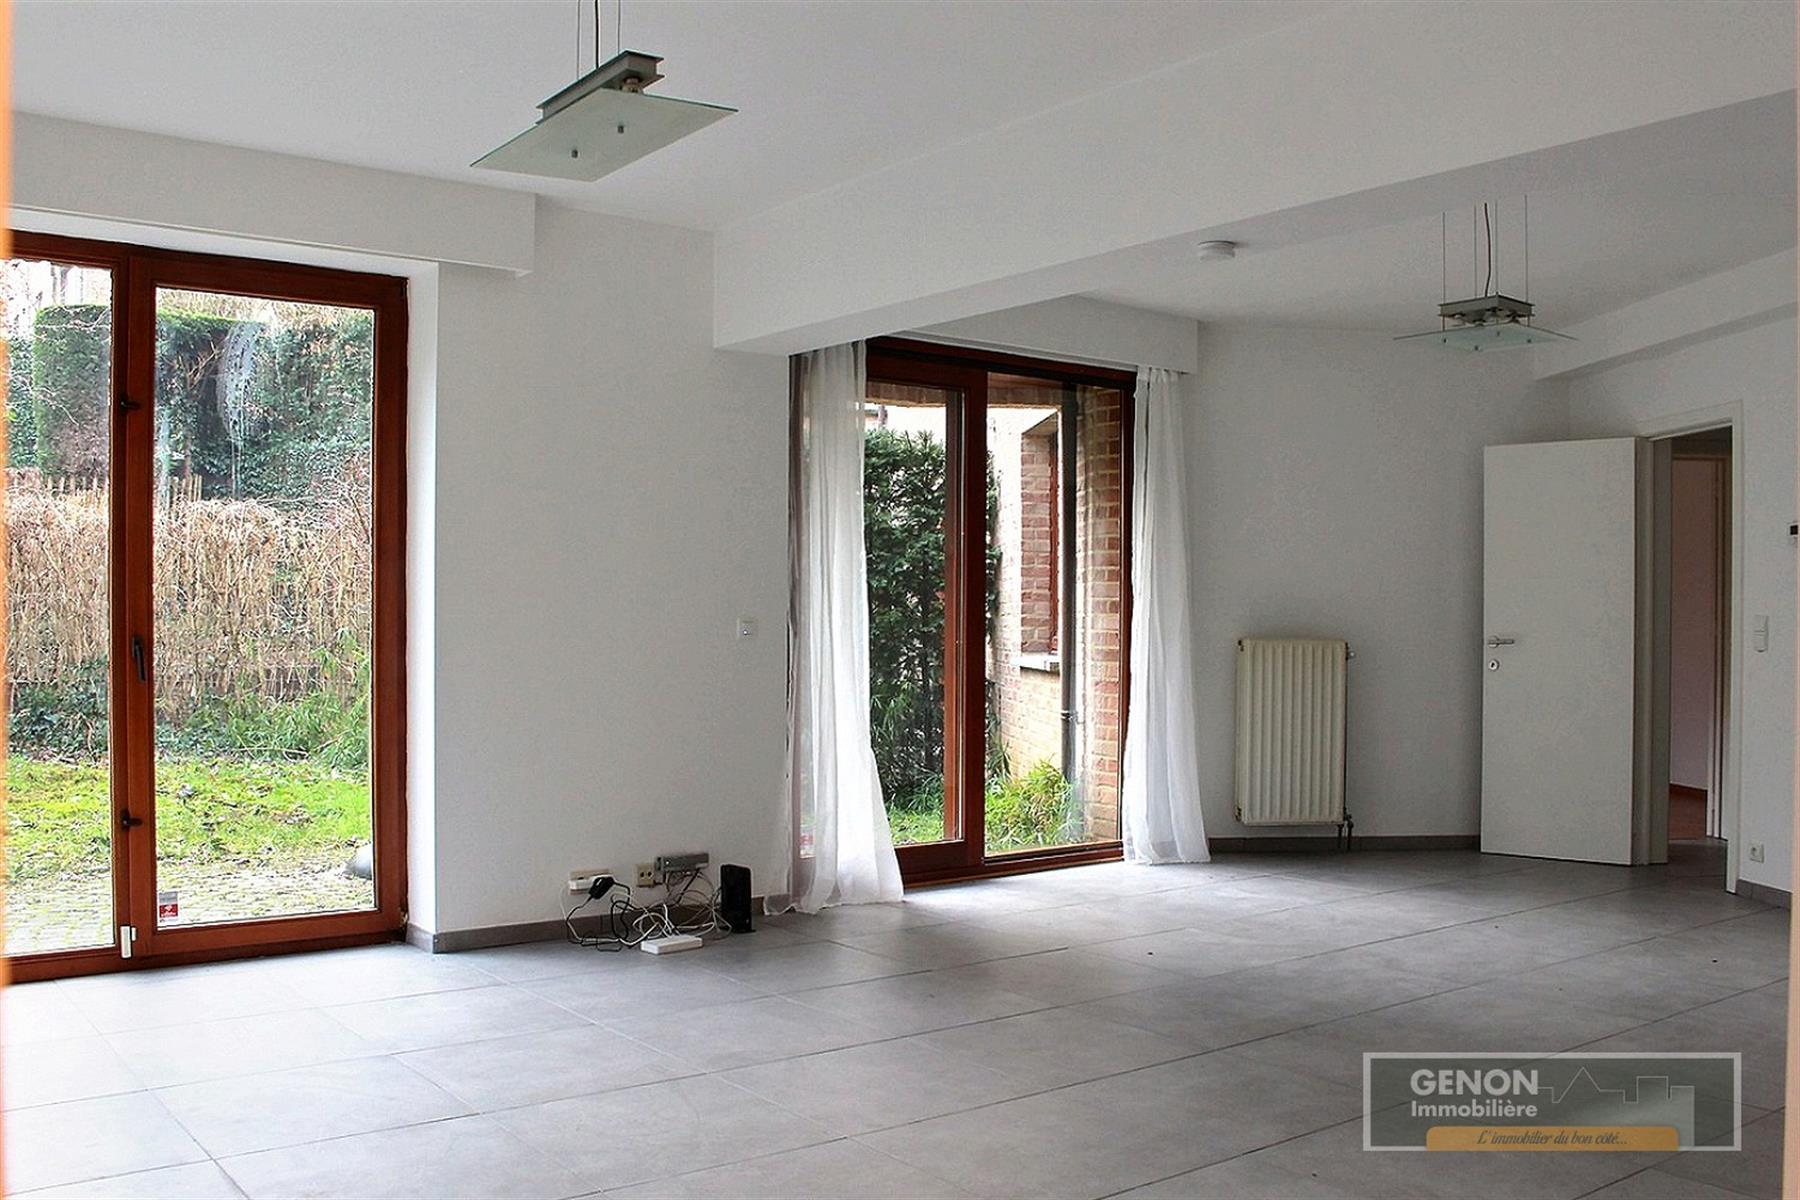 Appartement - Ottignies-Louvain-la-Neuve - #4244956-1